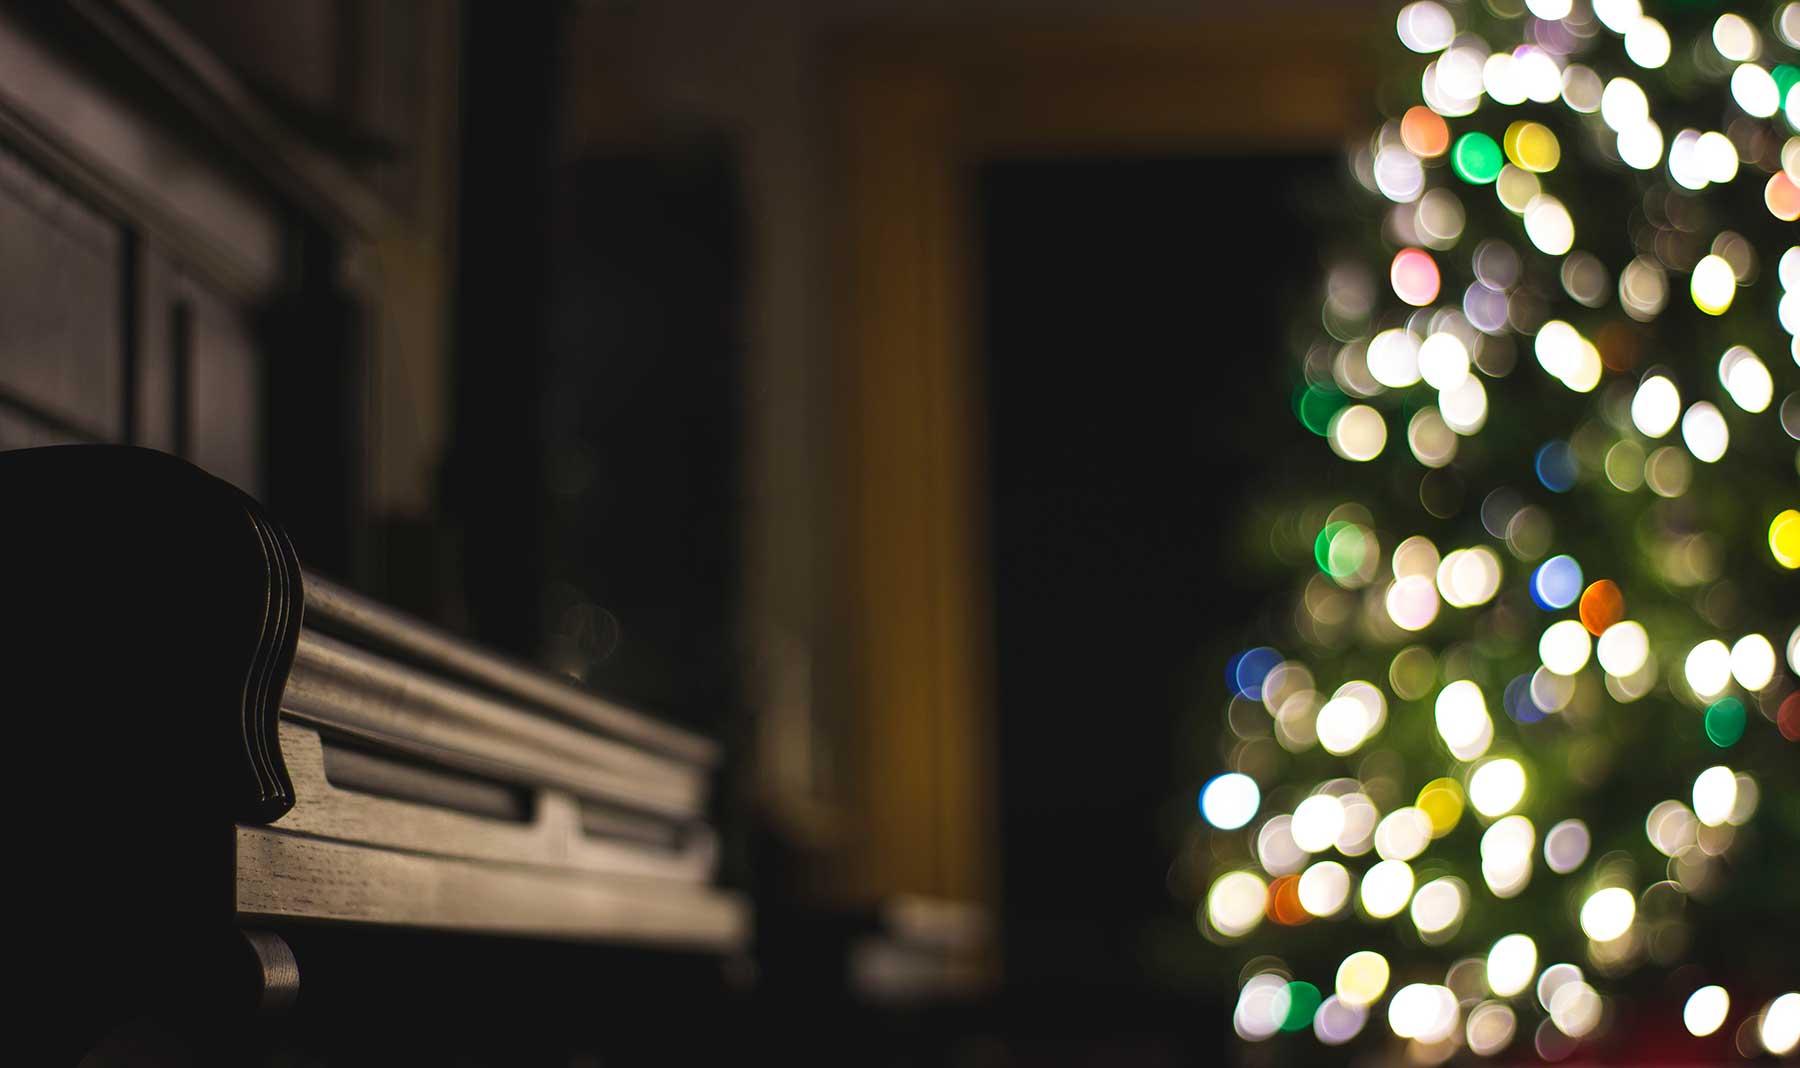 Irgendwie will keine Weihnachtsstimmung aufkommen…